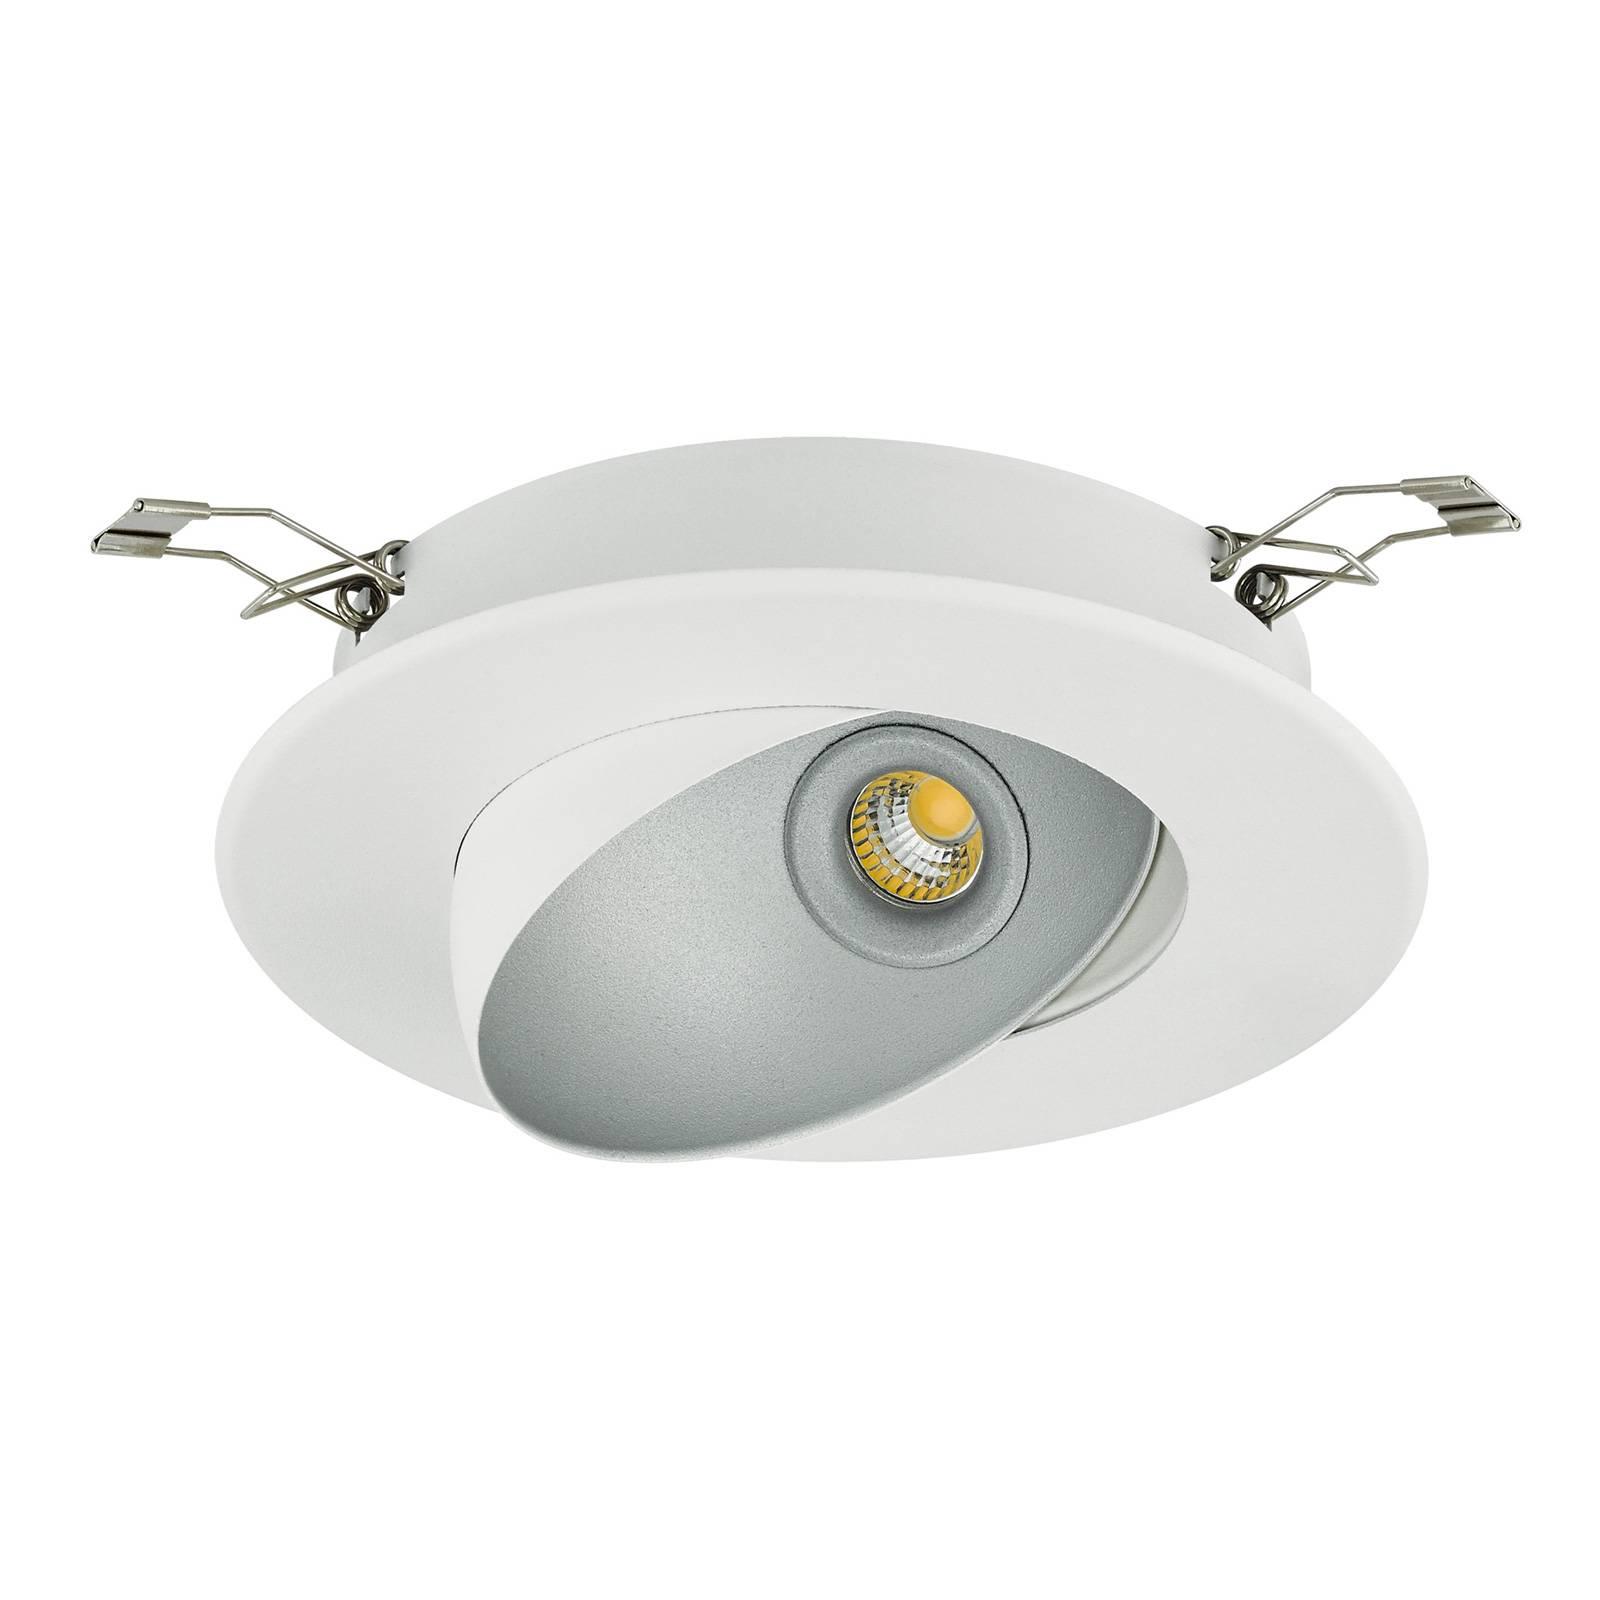 LED-kohdevalaisin Ronzano 1, valkoinen-hopea